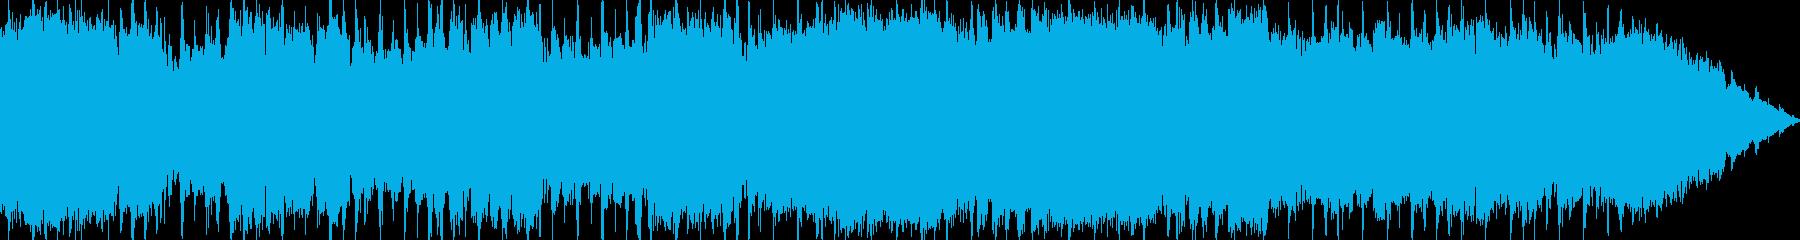 嘘と嘘つきを伝える高エネルギーの歌...の再生済みの波形